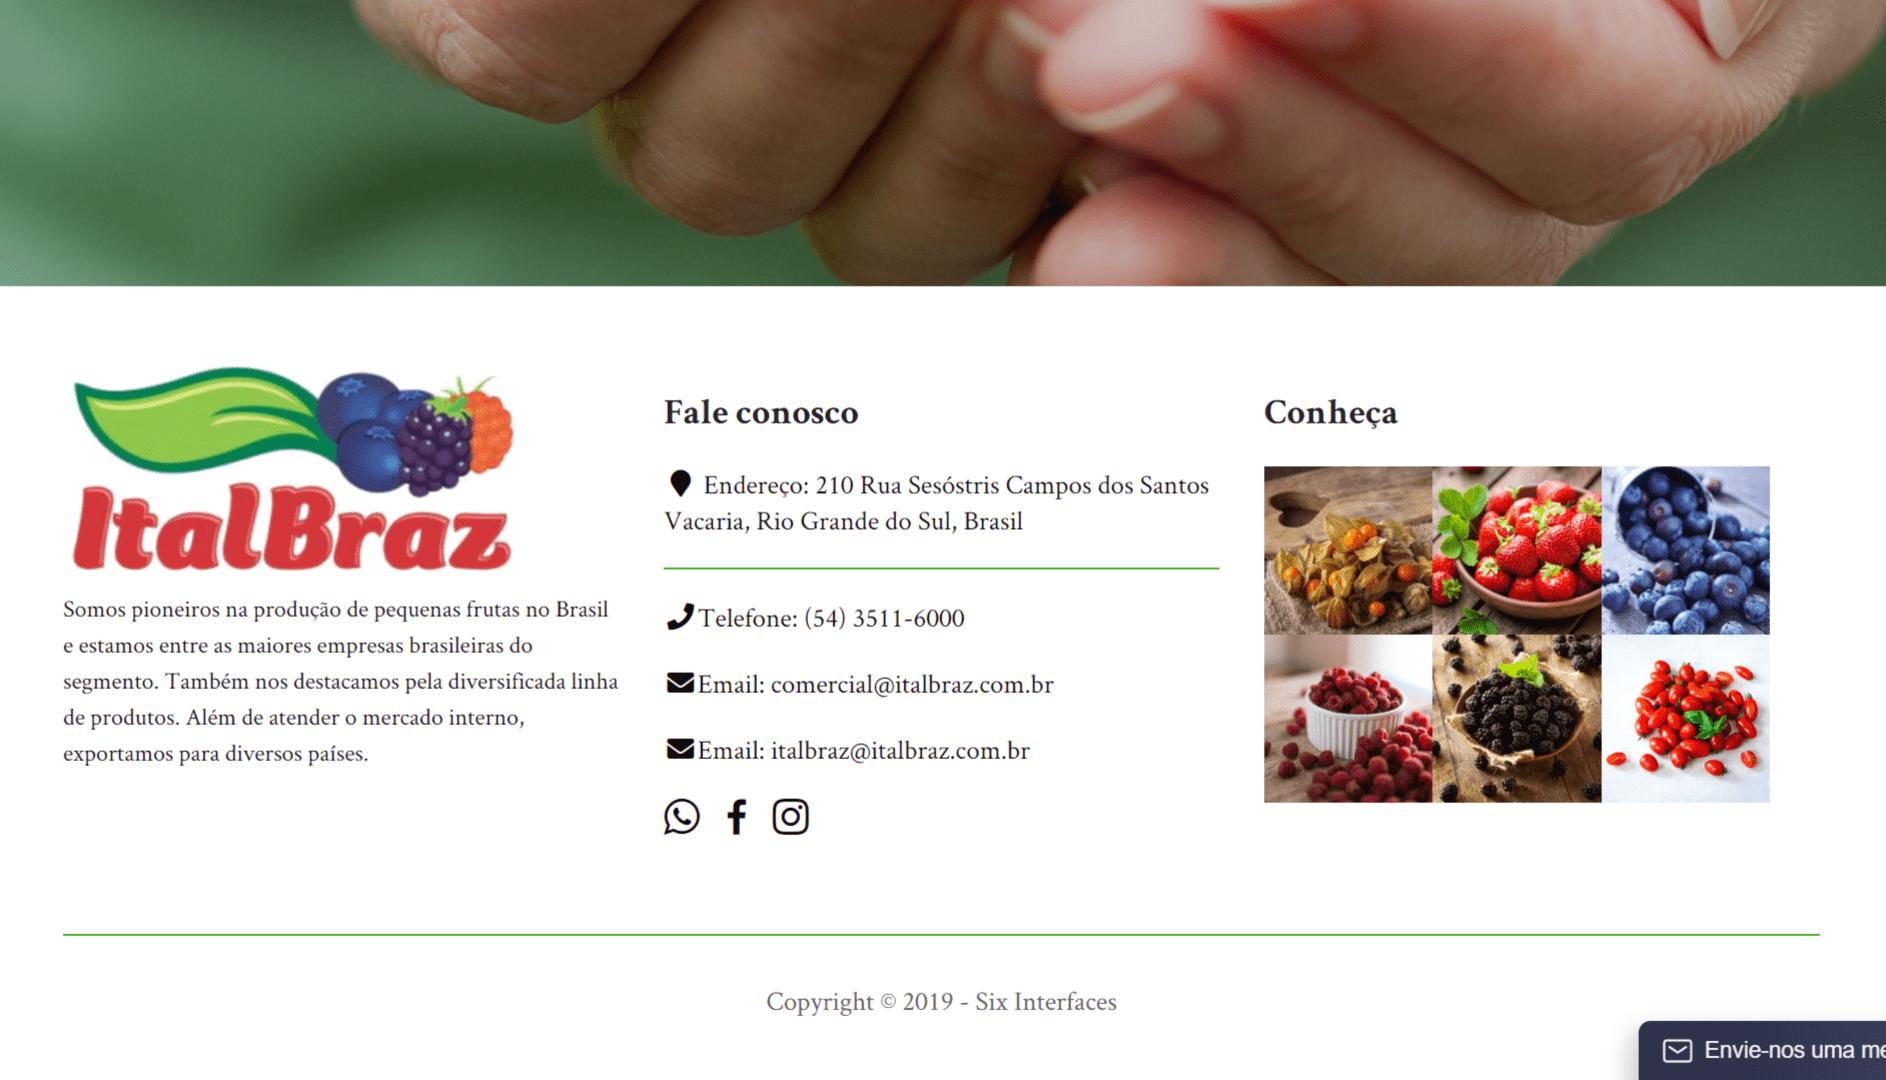 https://www.6i.com.br/case/italbraz/